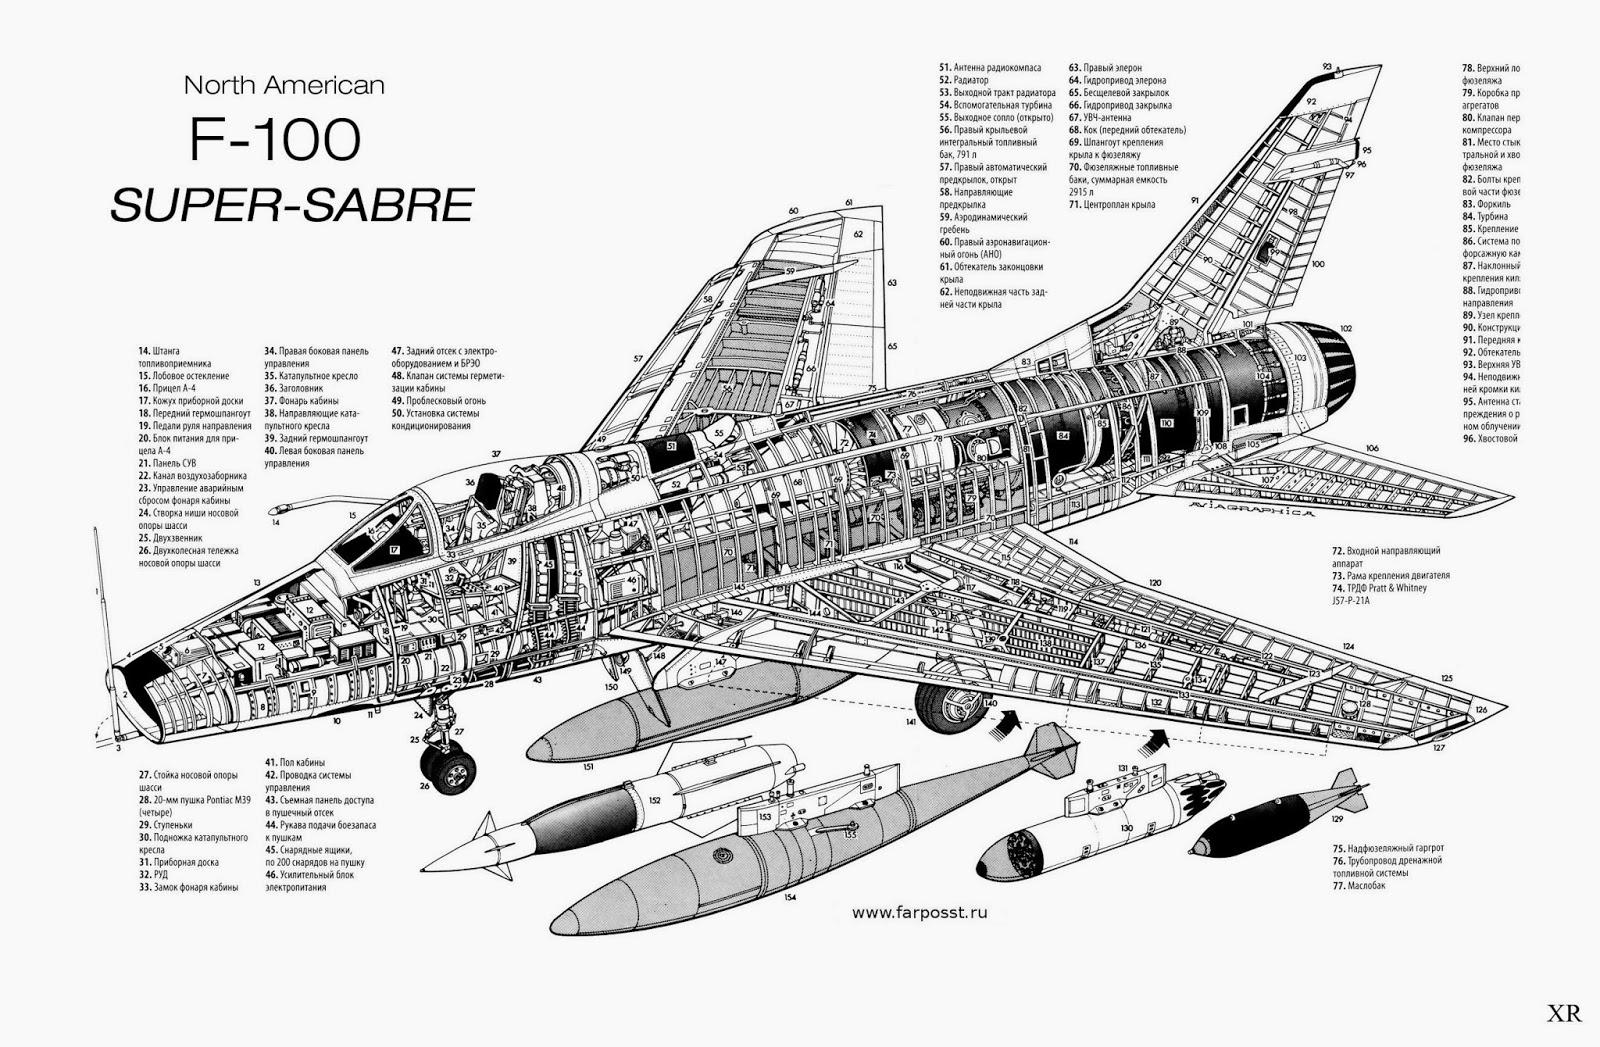 First New Super Aircraft Carrier Will